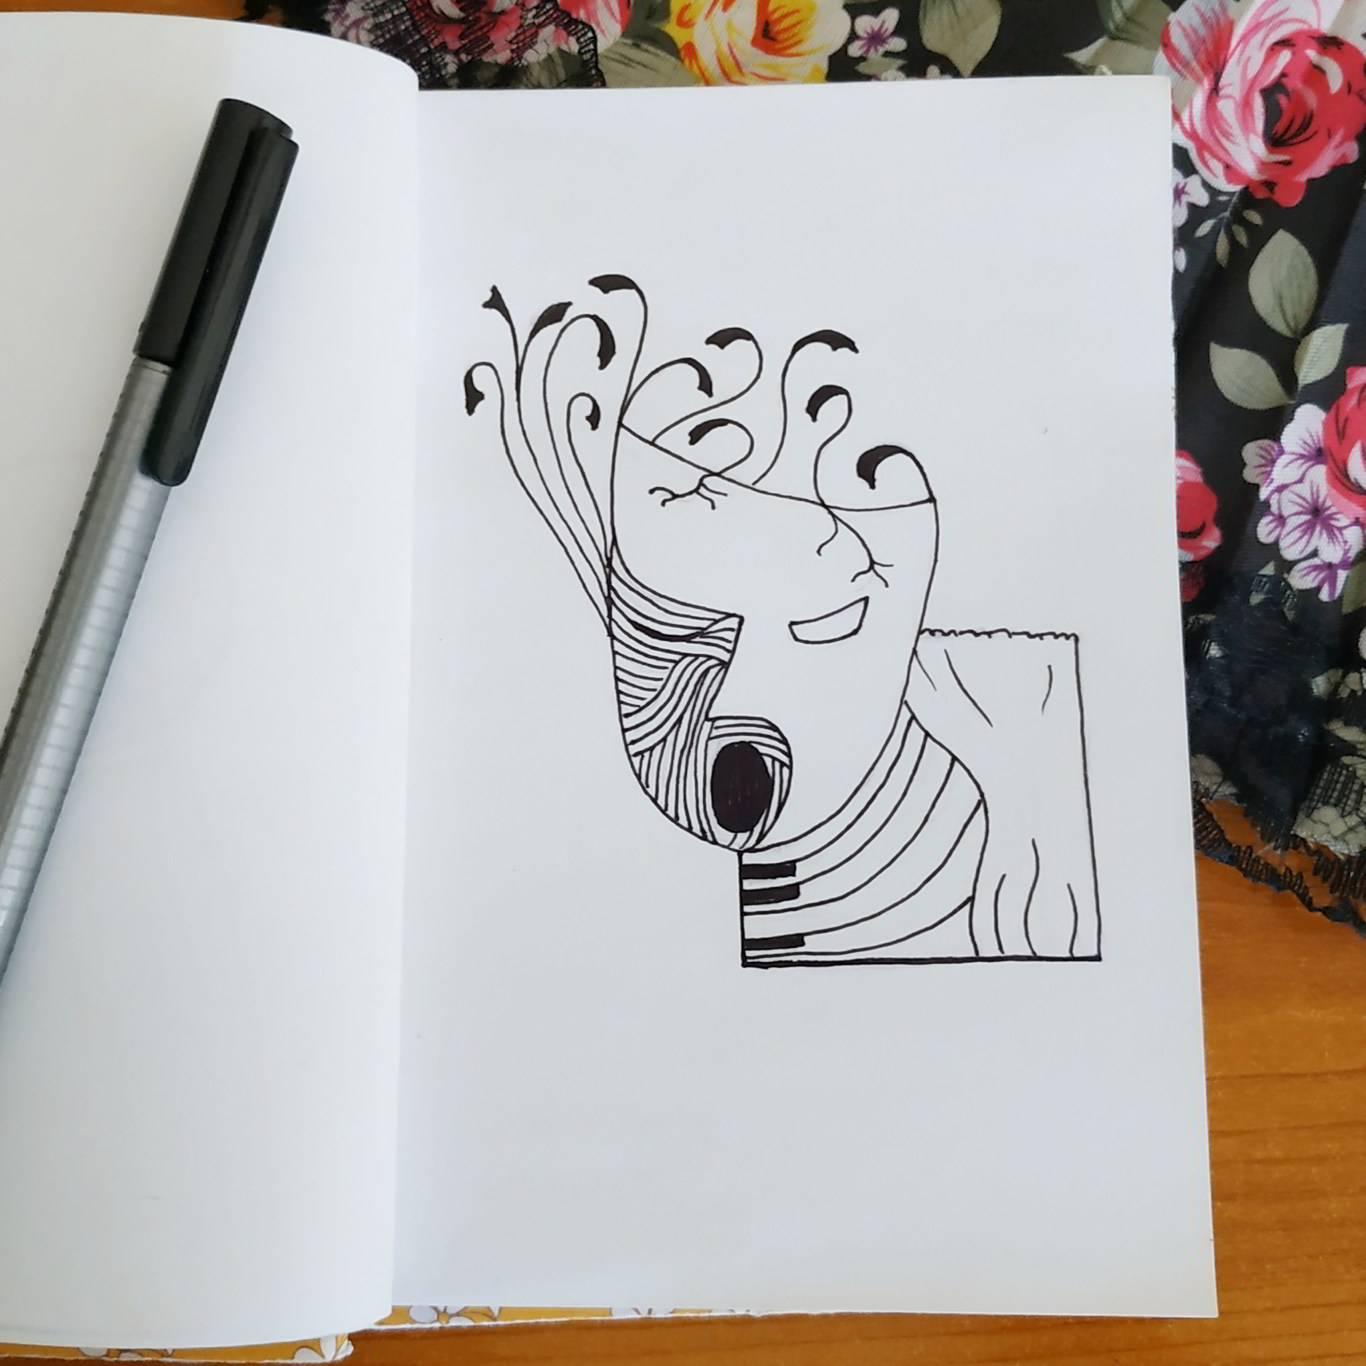 Inktober Día 22: Ghost. Ilustración: Marlene Patricia Posada Villanueva / Magazine AM:PM.